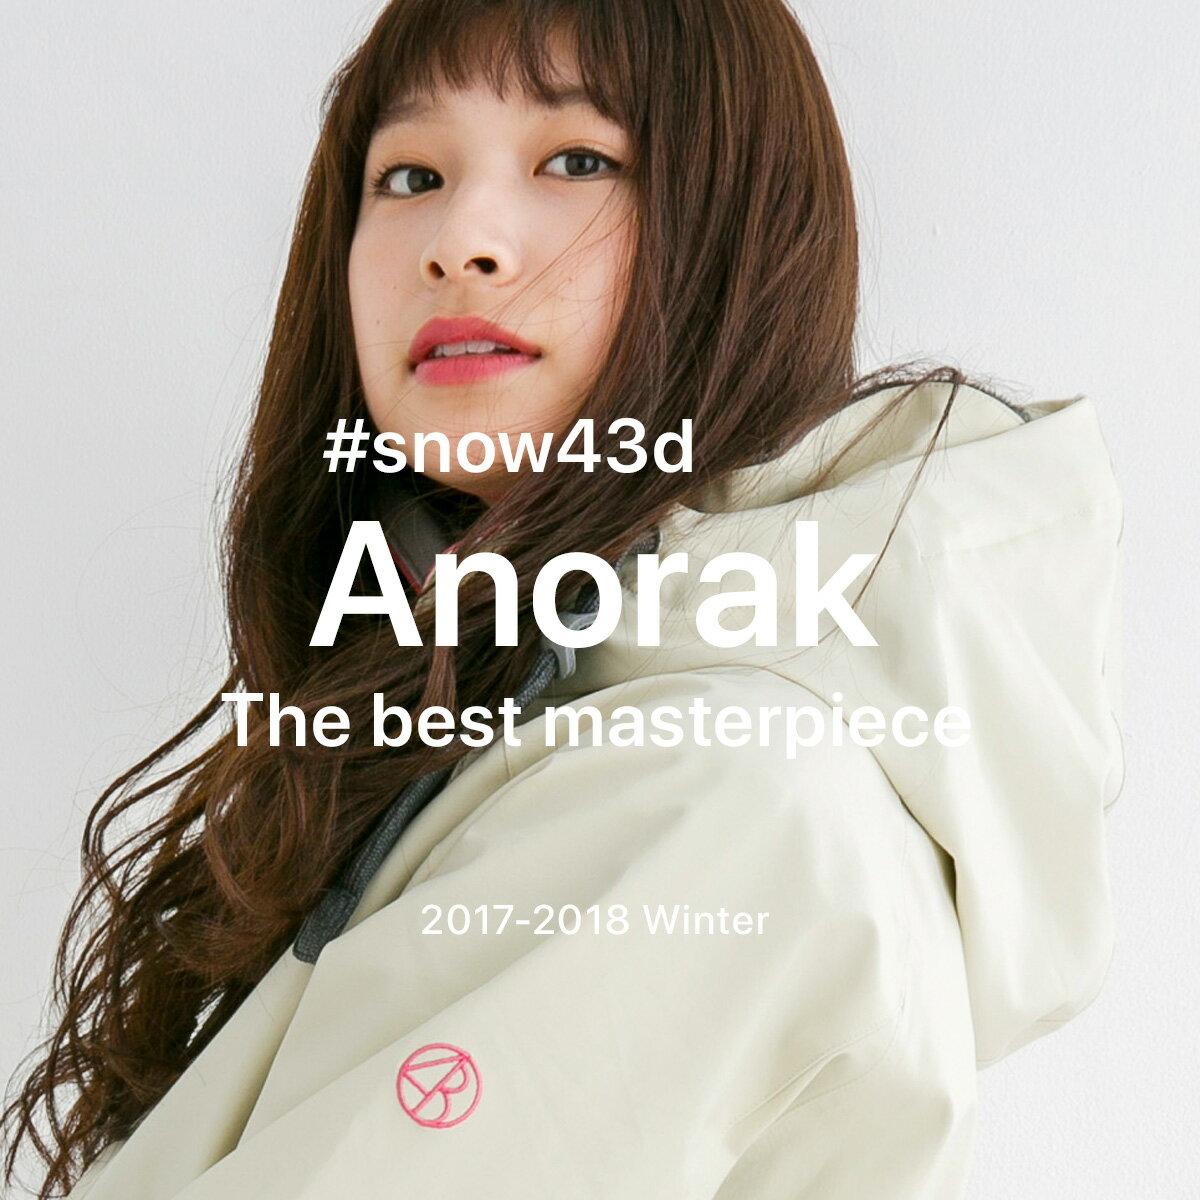 スノーボードウェア レディース スキーウェア 上下 セット 43DEGREES 新作 スノボウェア スノーボード ウェア スノボ スノボー ウエア Anorak 2017-18 アノラック